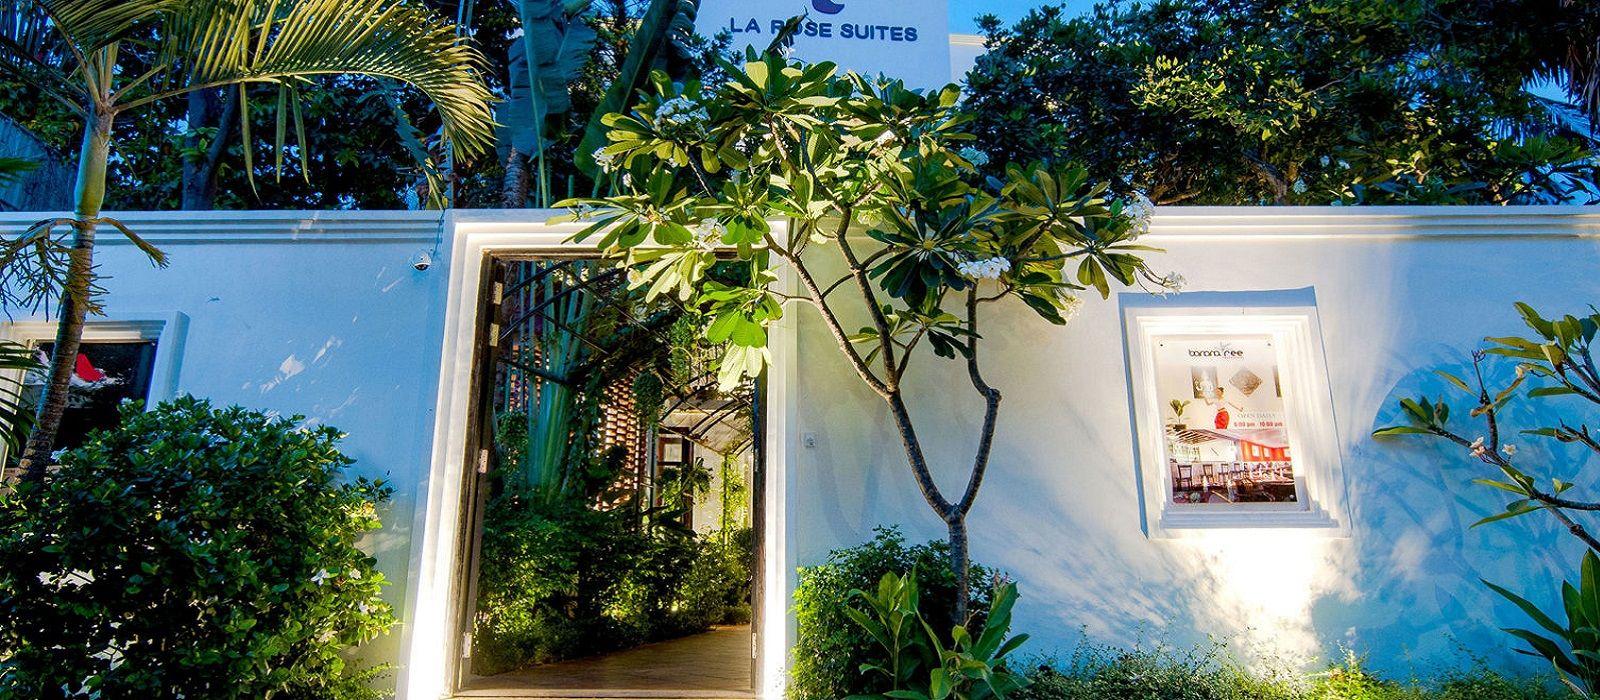 Hotel La Rose Suites %region%